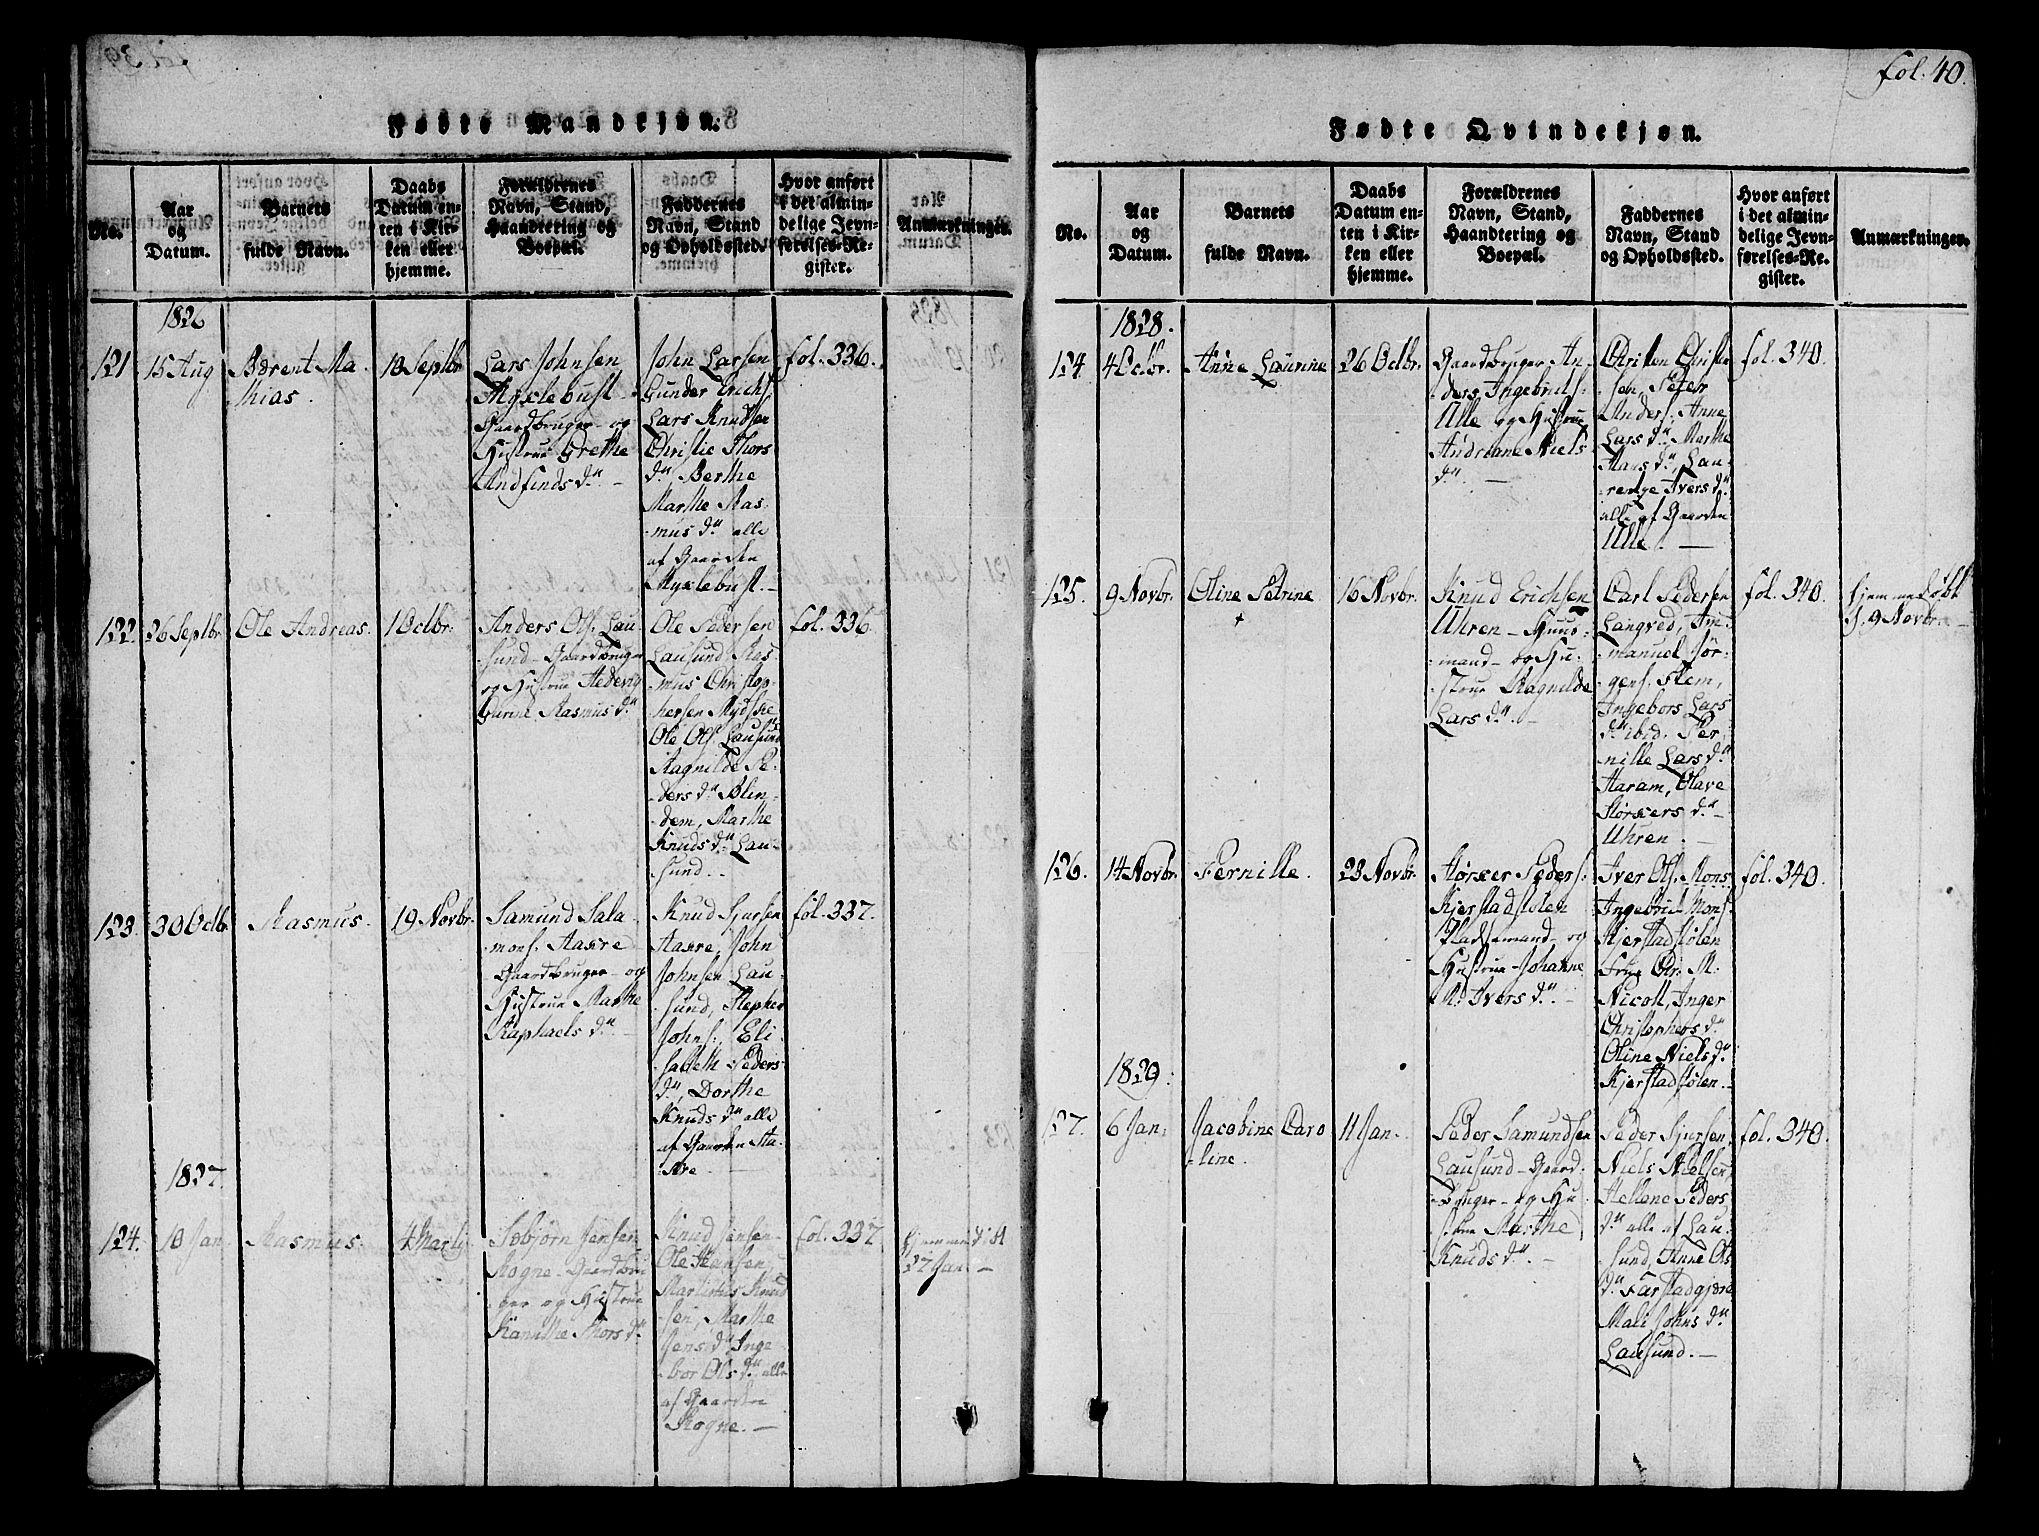 SAT, Ministerialprotokoller, klokkerbøker og fødselsregistre - Møre og Romsdal, 536/L0495: Ministerialbok nr. 536A04, 1818-1847, s. 40